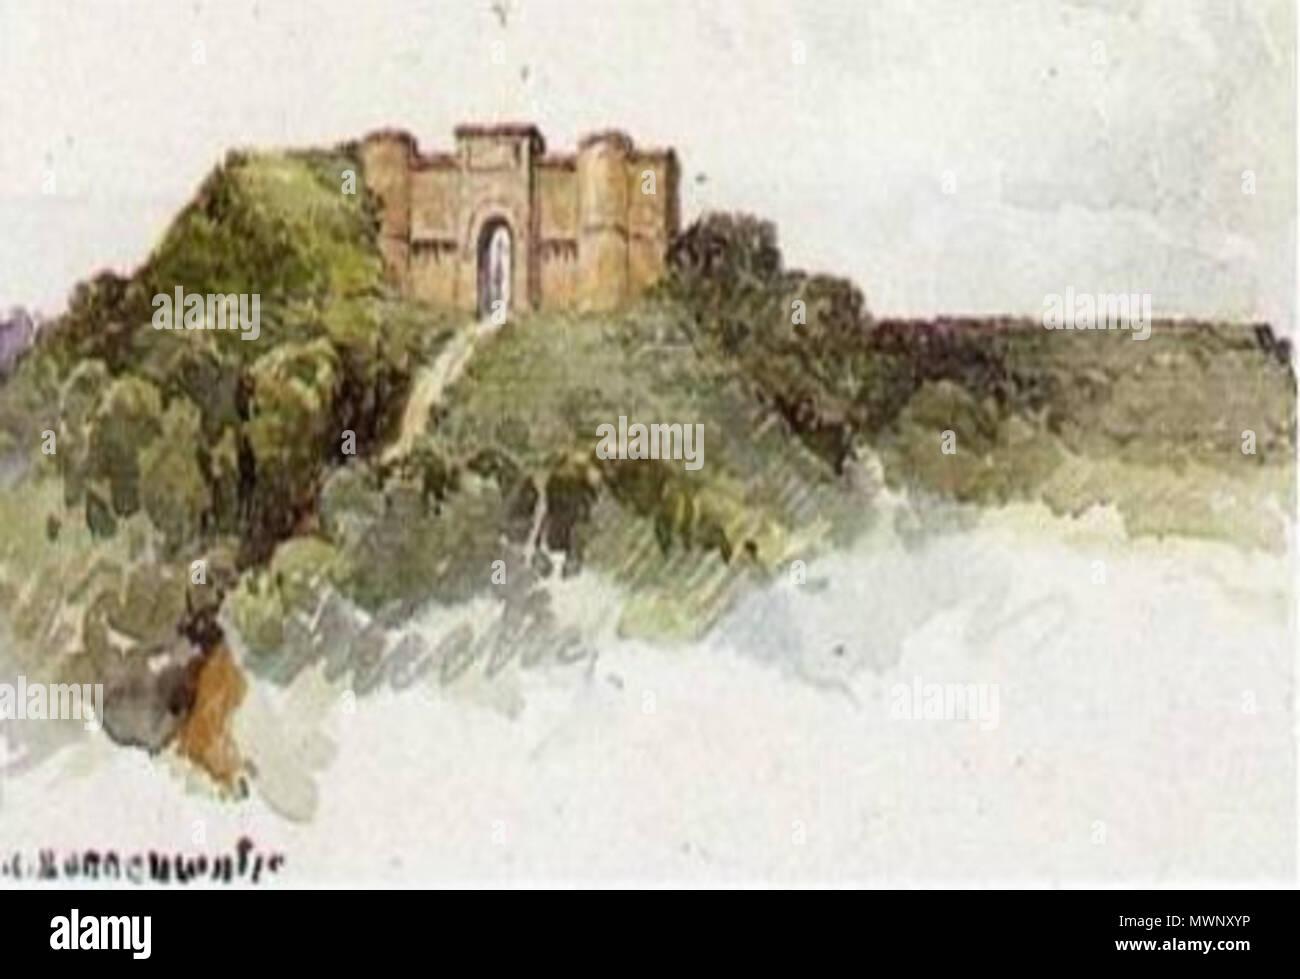 506 Puerta fortificada del Fuerte Agüi, 1911 - Stock Image